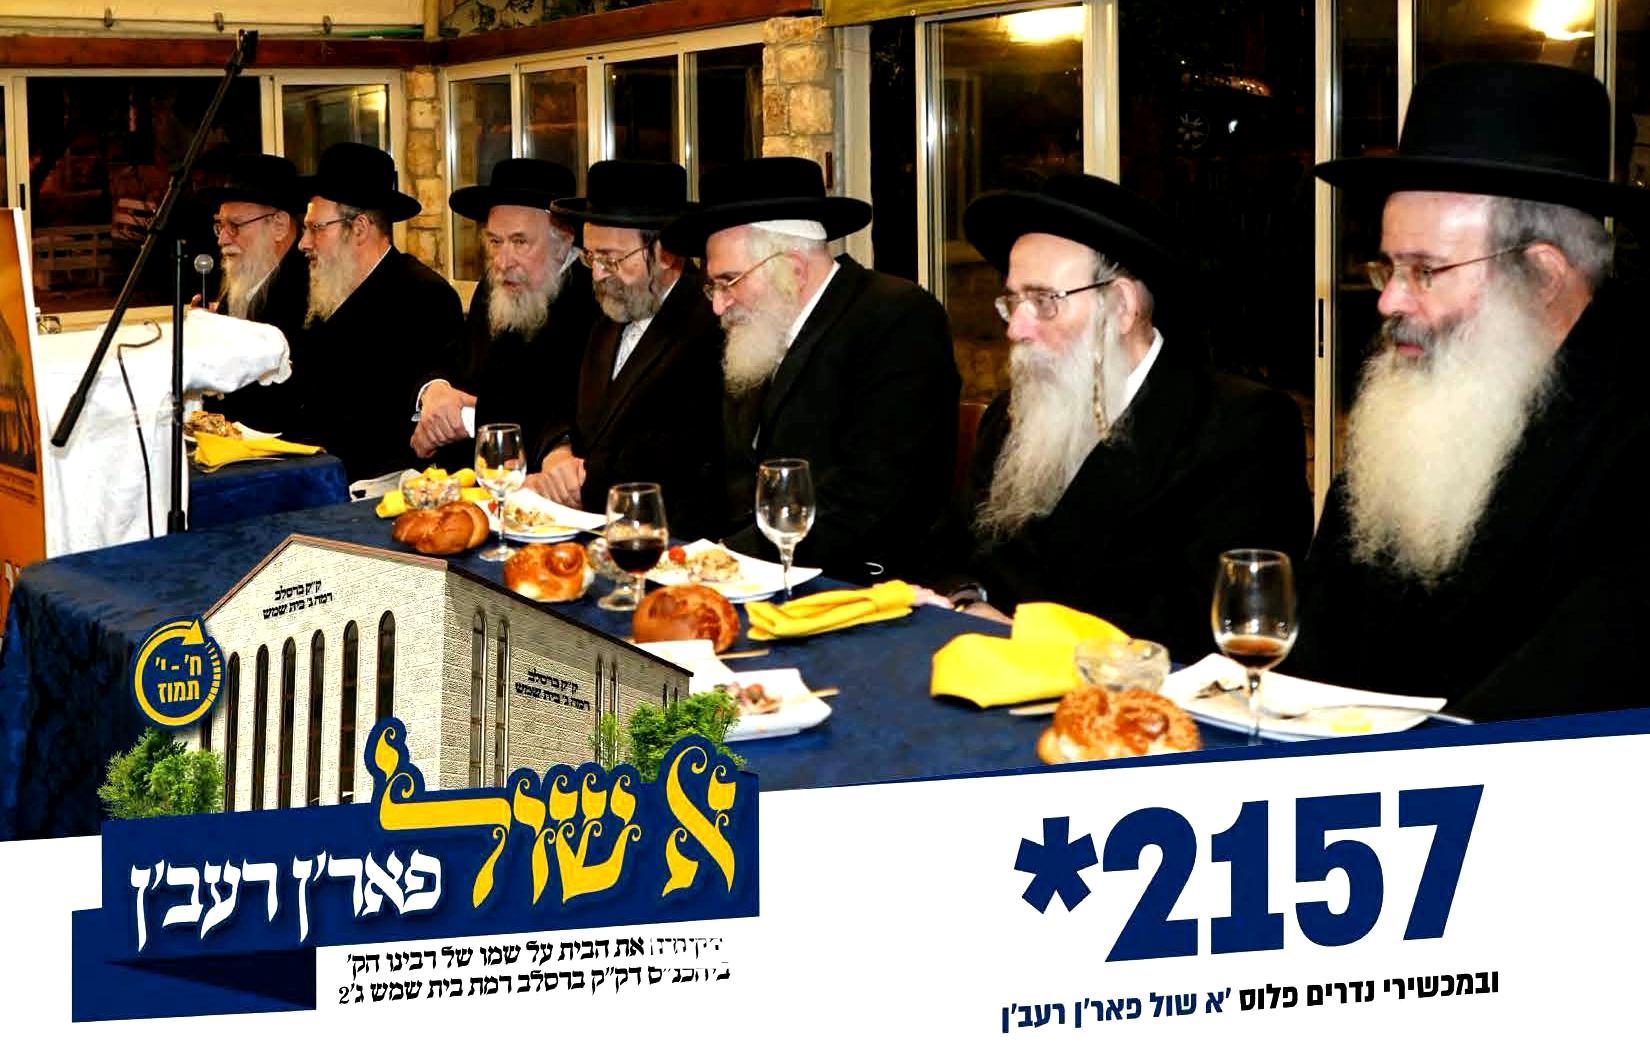 הוֹדוּ לוֹ בָּרֲכוּ שְׁמוֹ • חסידי ברסלב חצו את החצי מליון בקמפיין למען בית הכנסת רמה ג' 2 בבית שמש